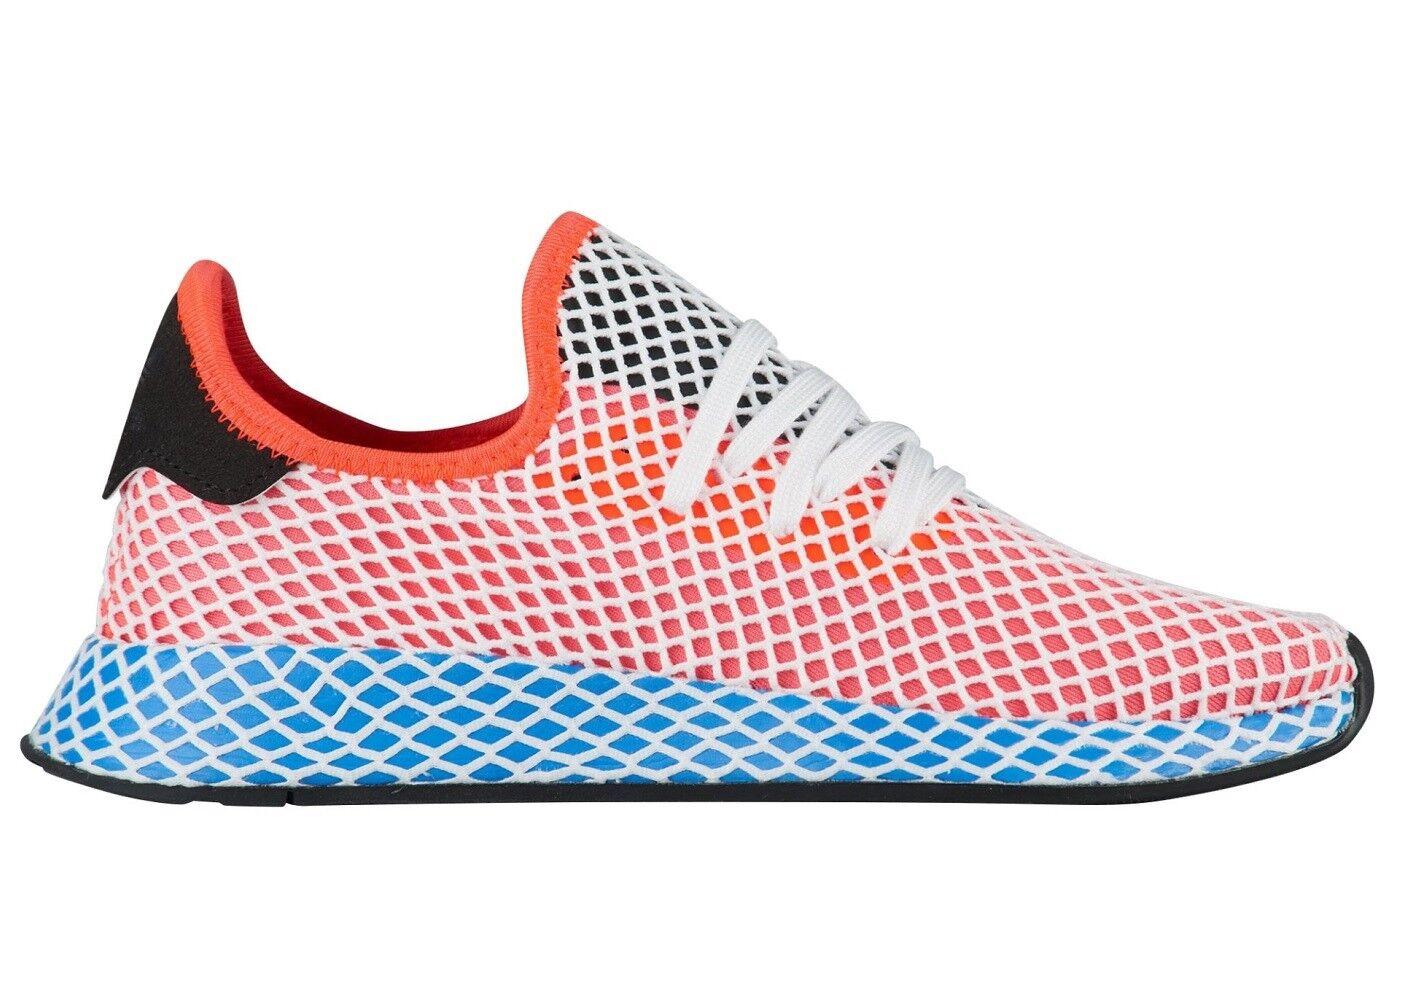 Adidas Deerupt Runner Womens AC8466 Solar Red blueebird Running shoes Size 6